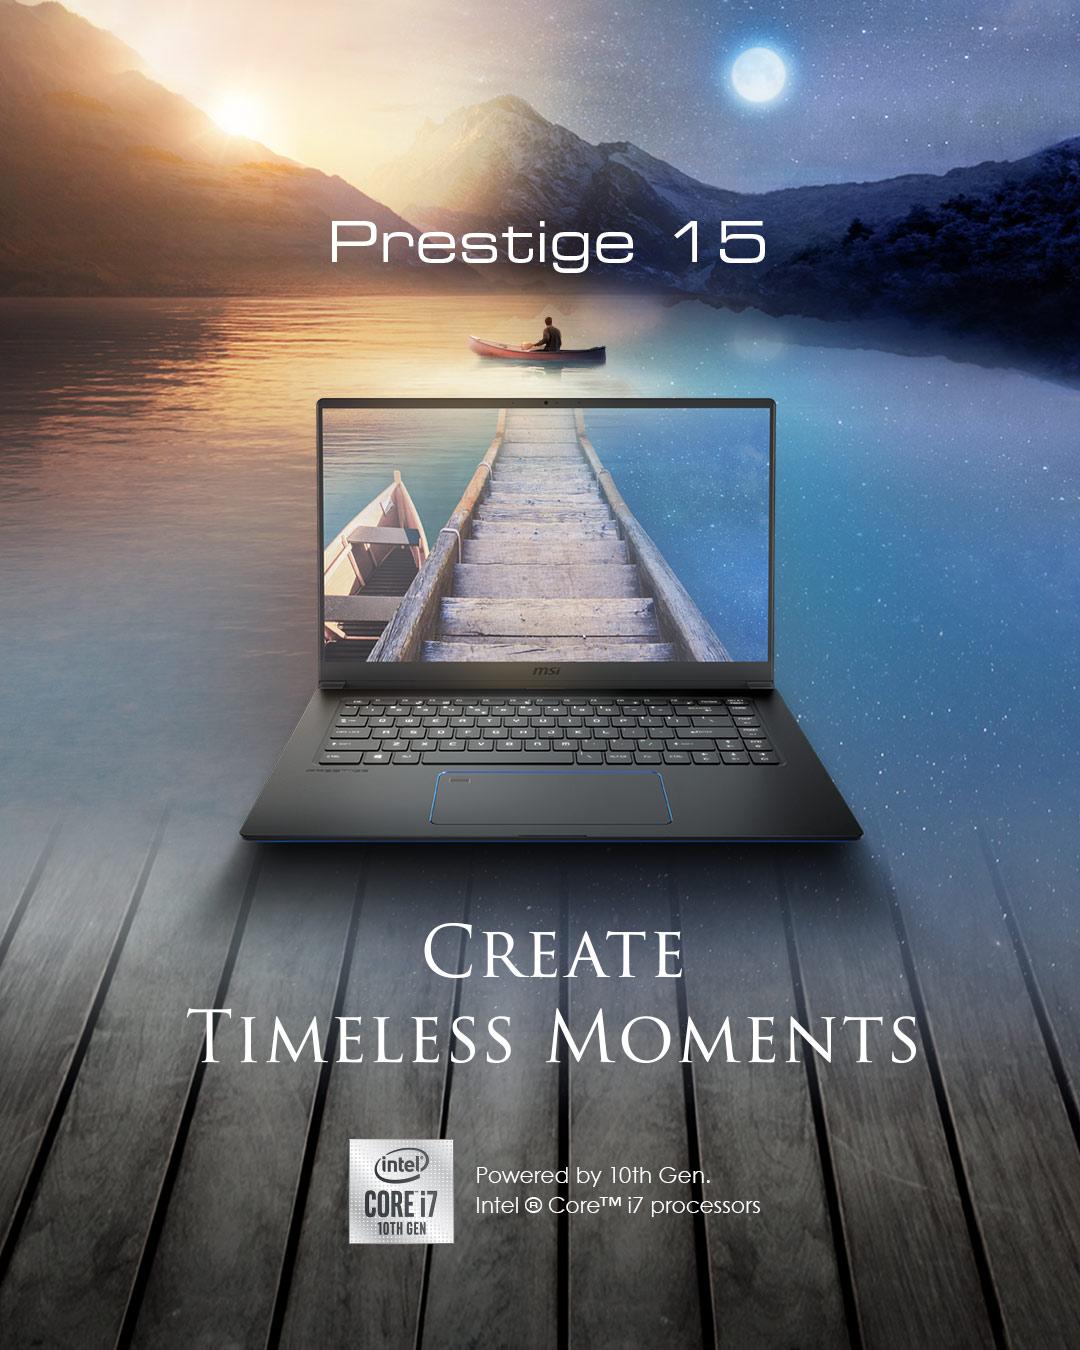 Prestige 15